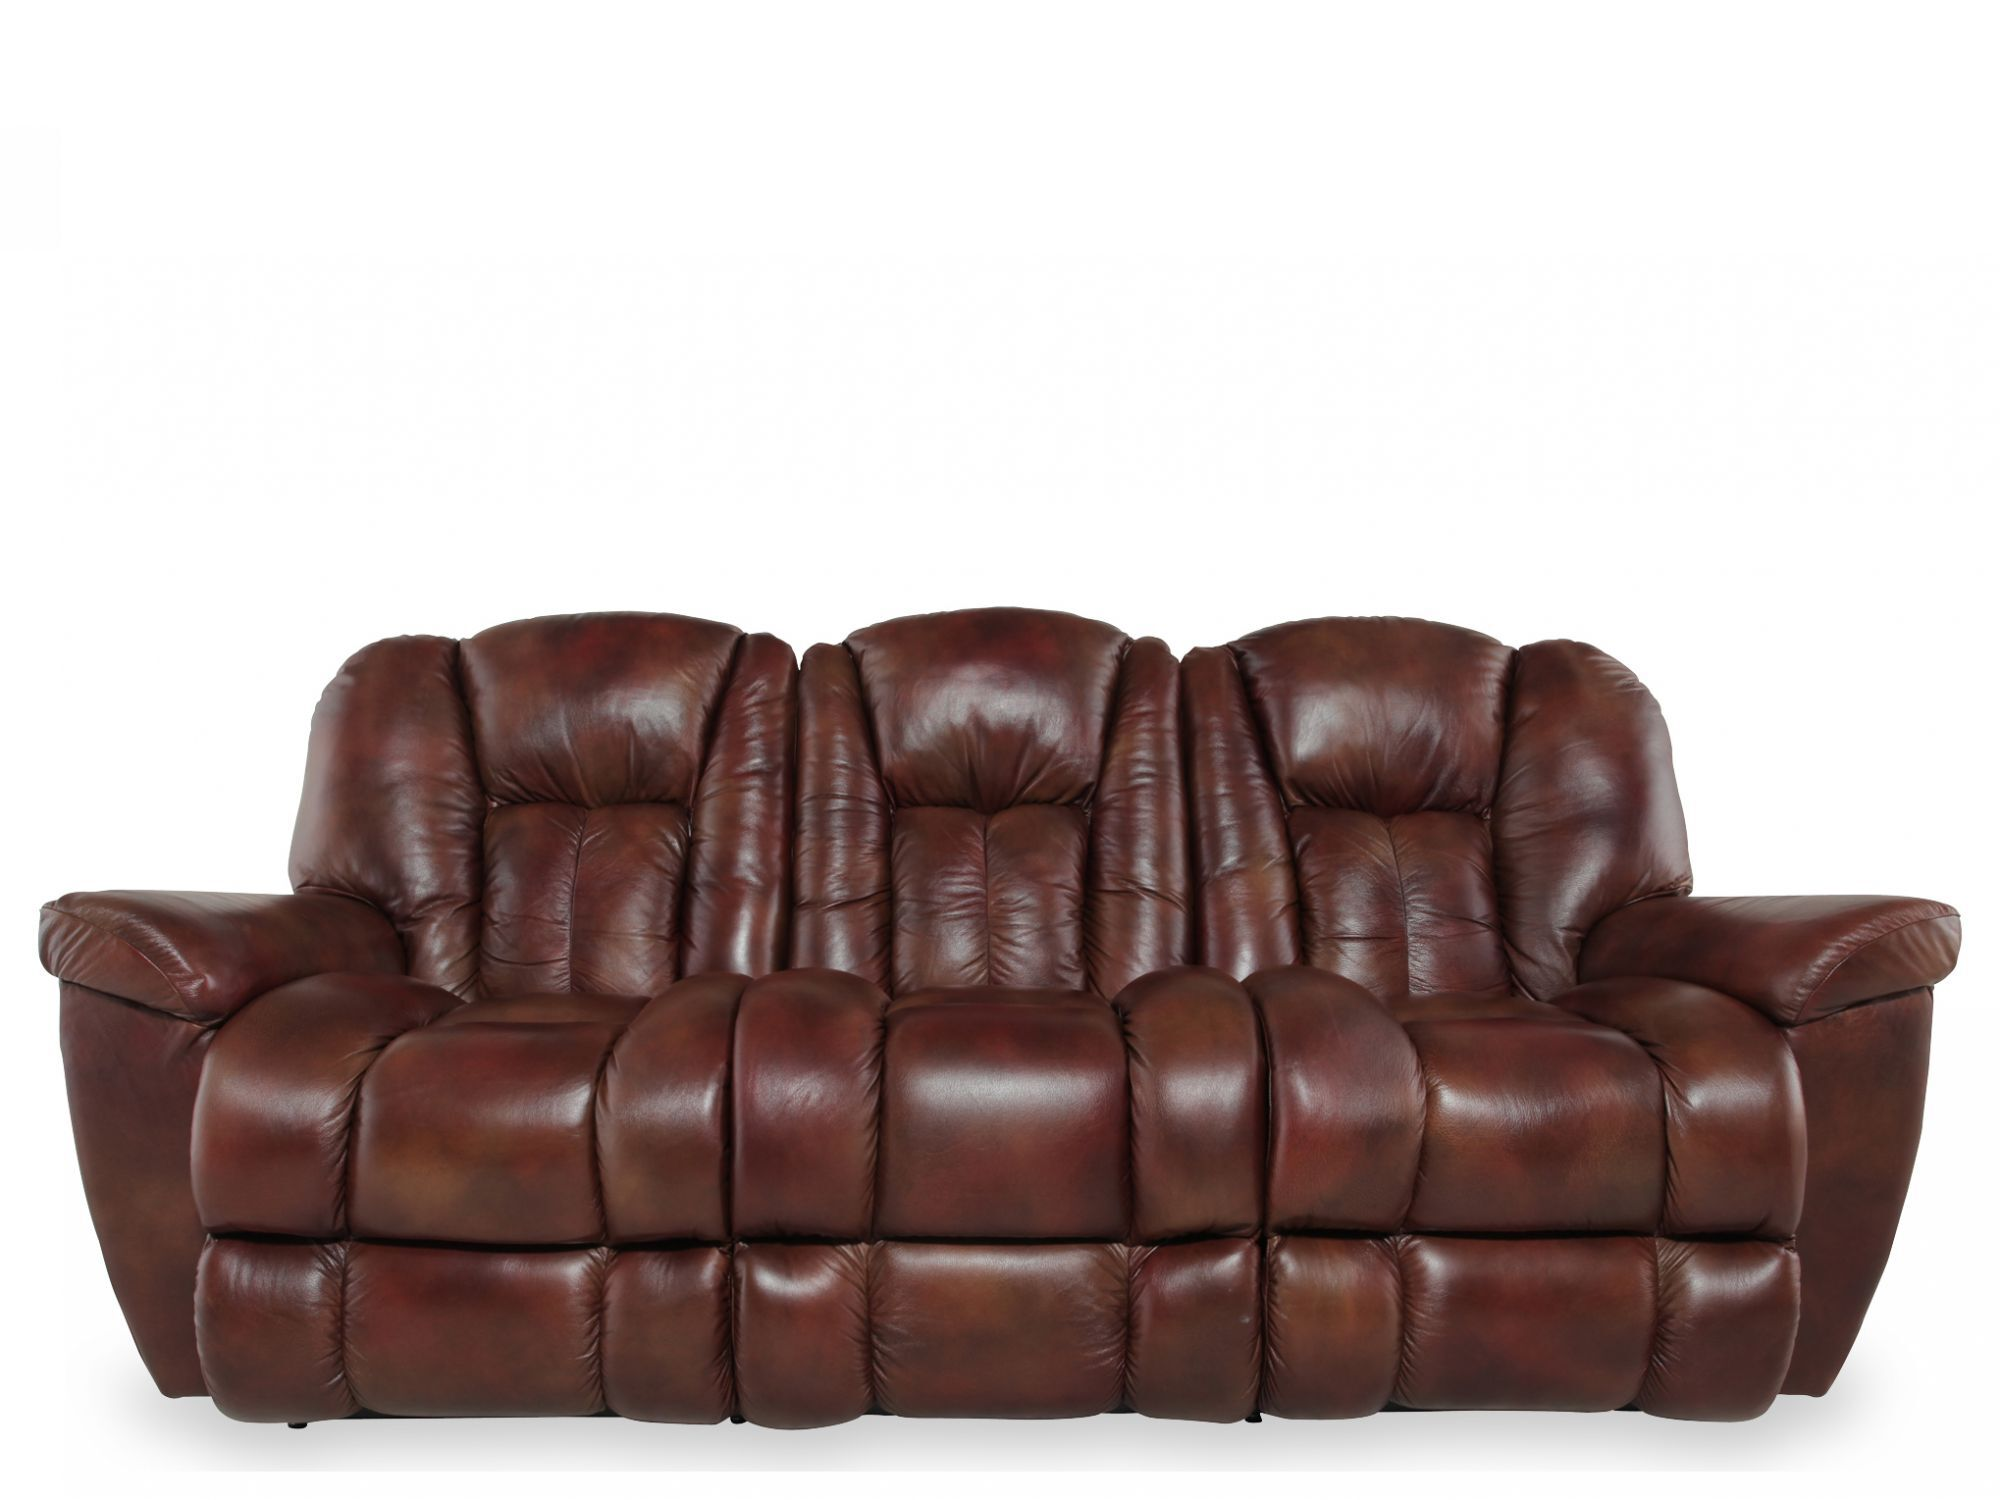 La-Z-Boy Maverick Mahogany Leather Reclining Sofa  sc 1 st  Mathis Brothers & La-Z-Boy Maverick Mahogany Leather Reclining Sofa | Mathis ... islam-shia.org